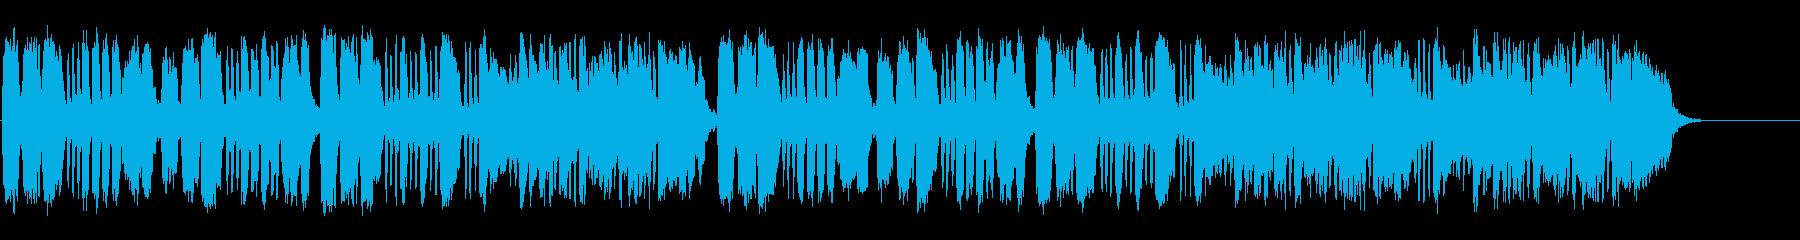 室内楽の夕べの正統派セミクラ風弦楽四重奏の再生済みの波形